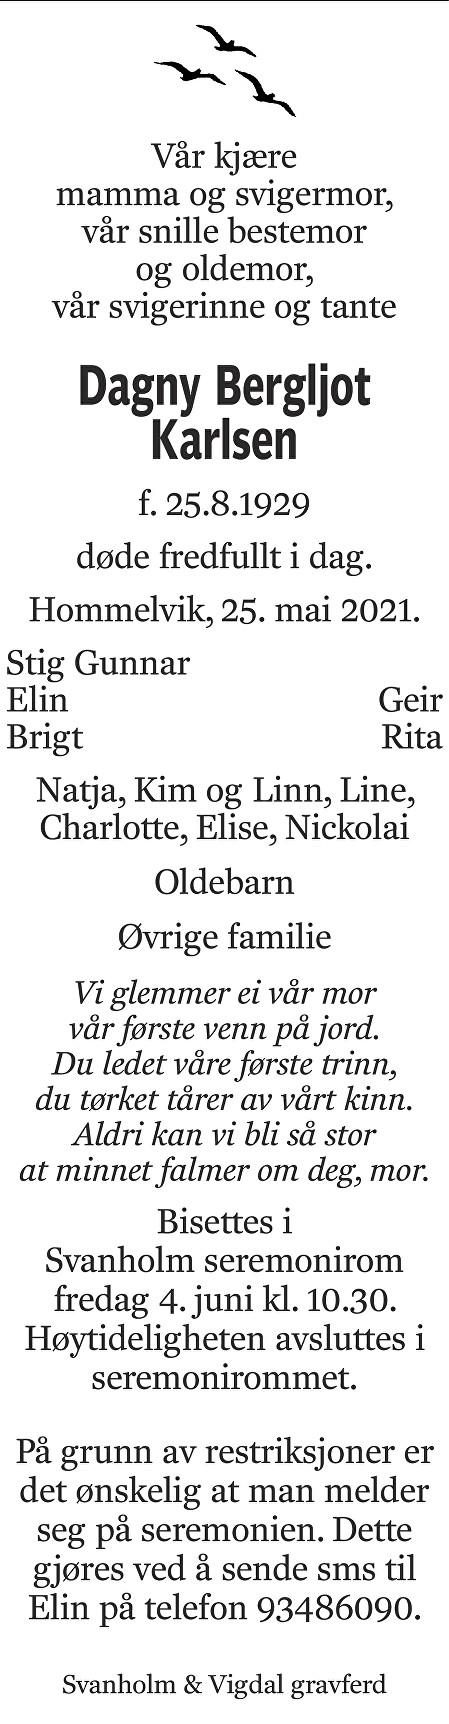 Dagny Bergljot Karlsen Dødsannonse